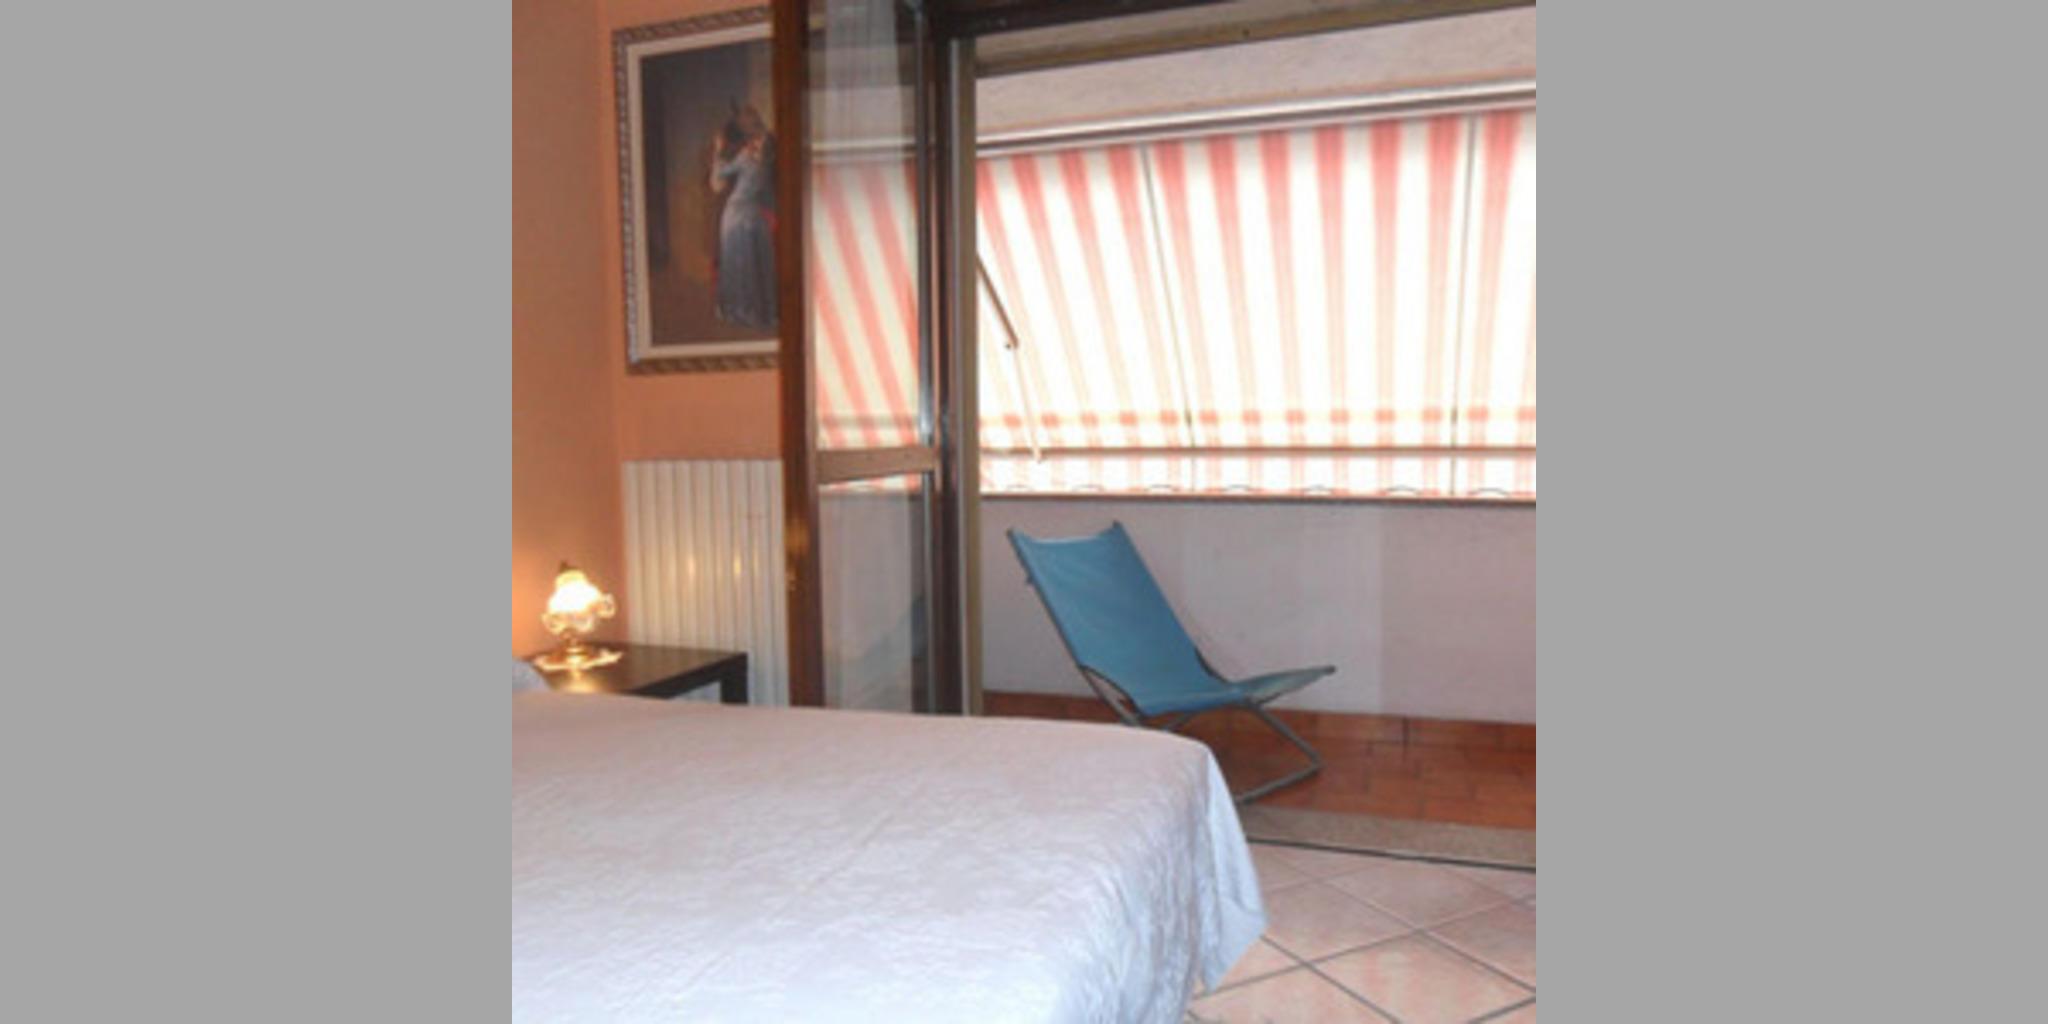 Bed & Breakfast Casnate Con Bernate - Casnate Con Bernate